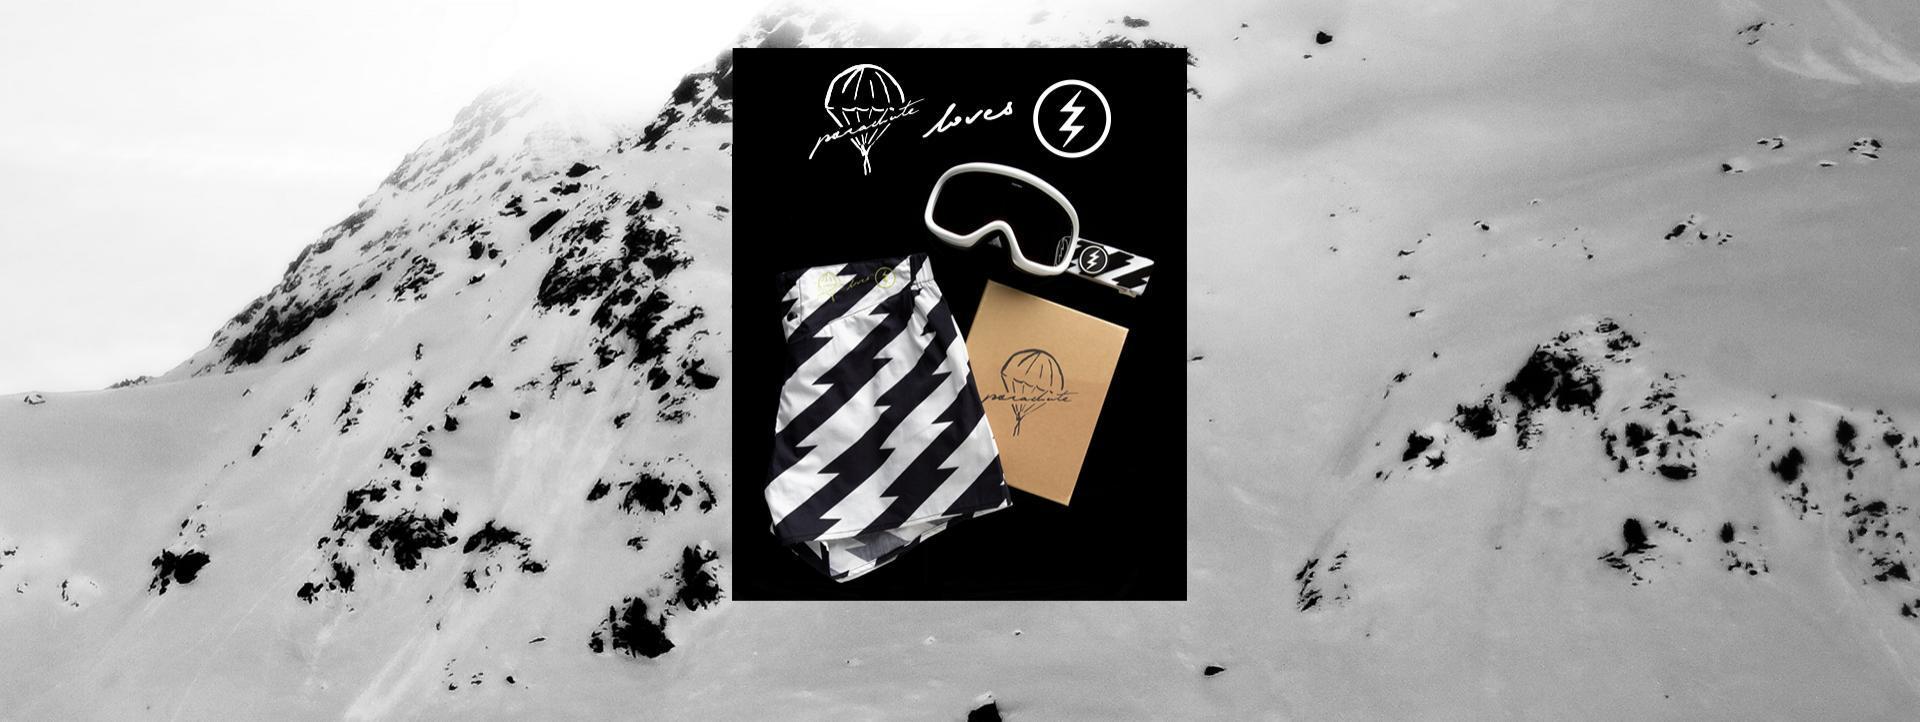 Jeu Concours Jeu concours : 3 packs Parachute loves Electric à gagner !